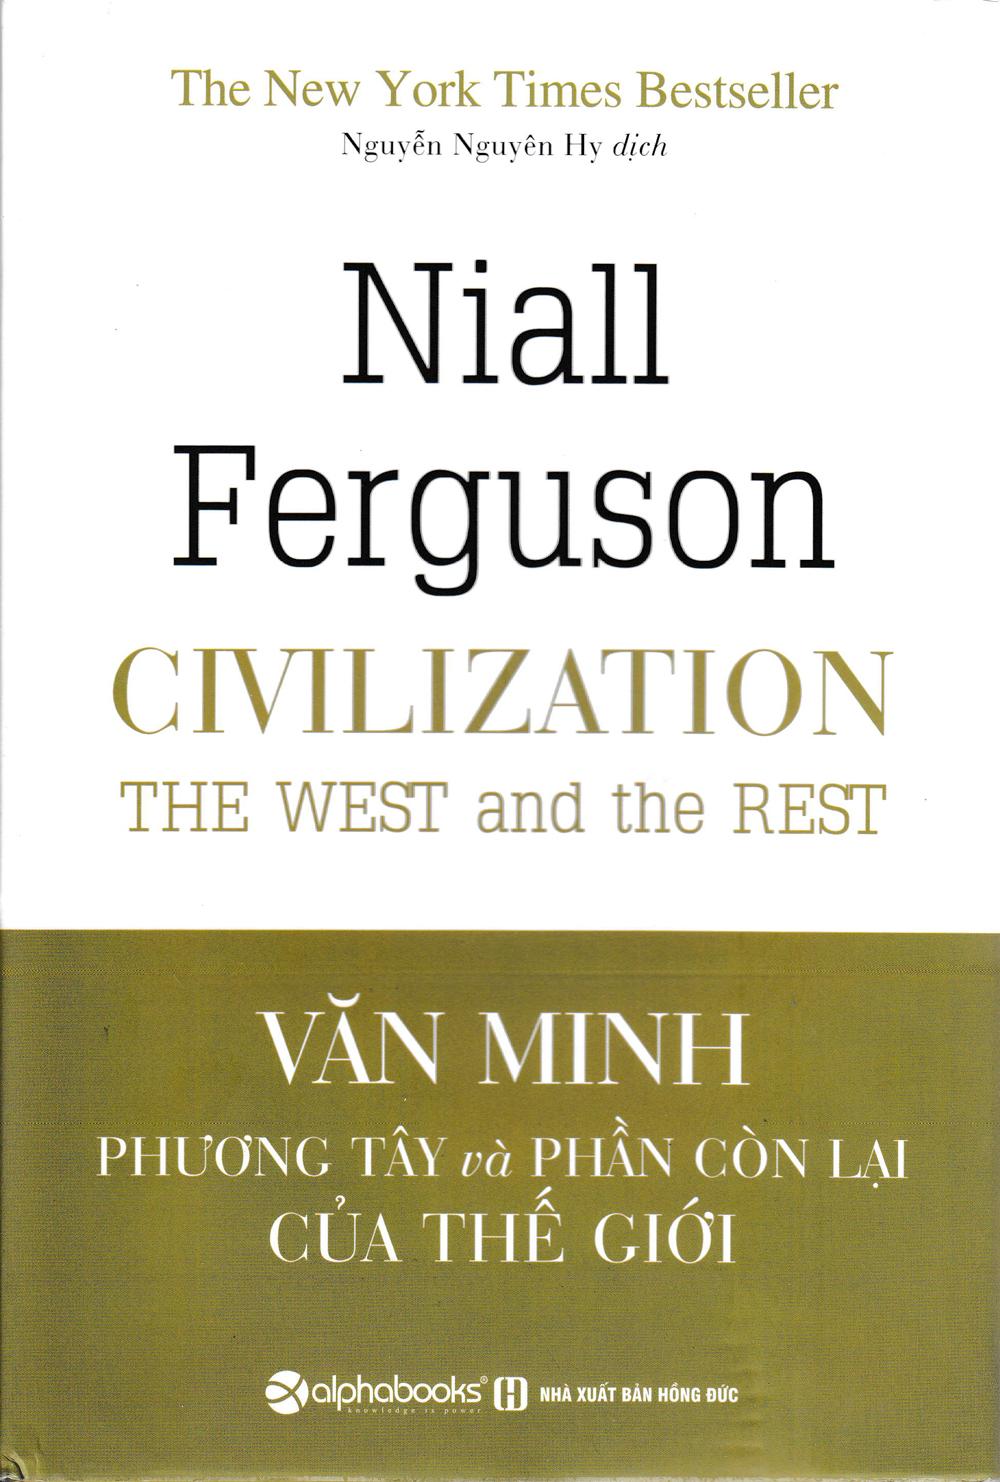 Văn Minh Phương Tây Và Phần Còn Lại Của Thế Giới - EBOOK/PDF/PRC/EPUB